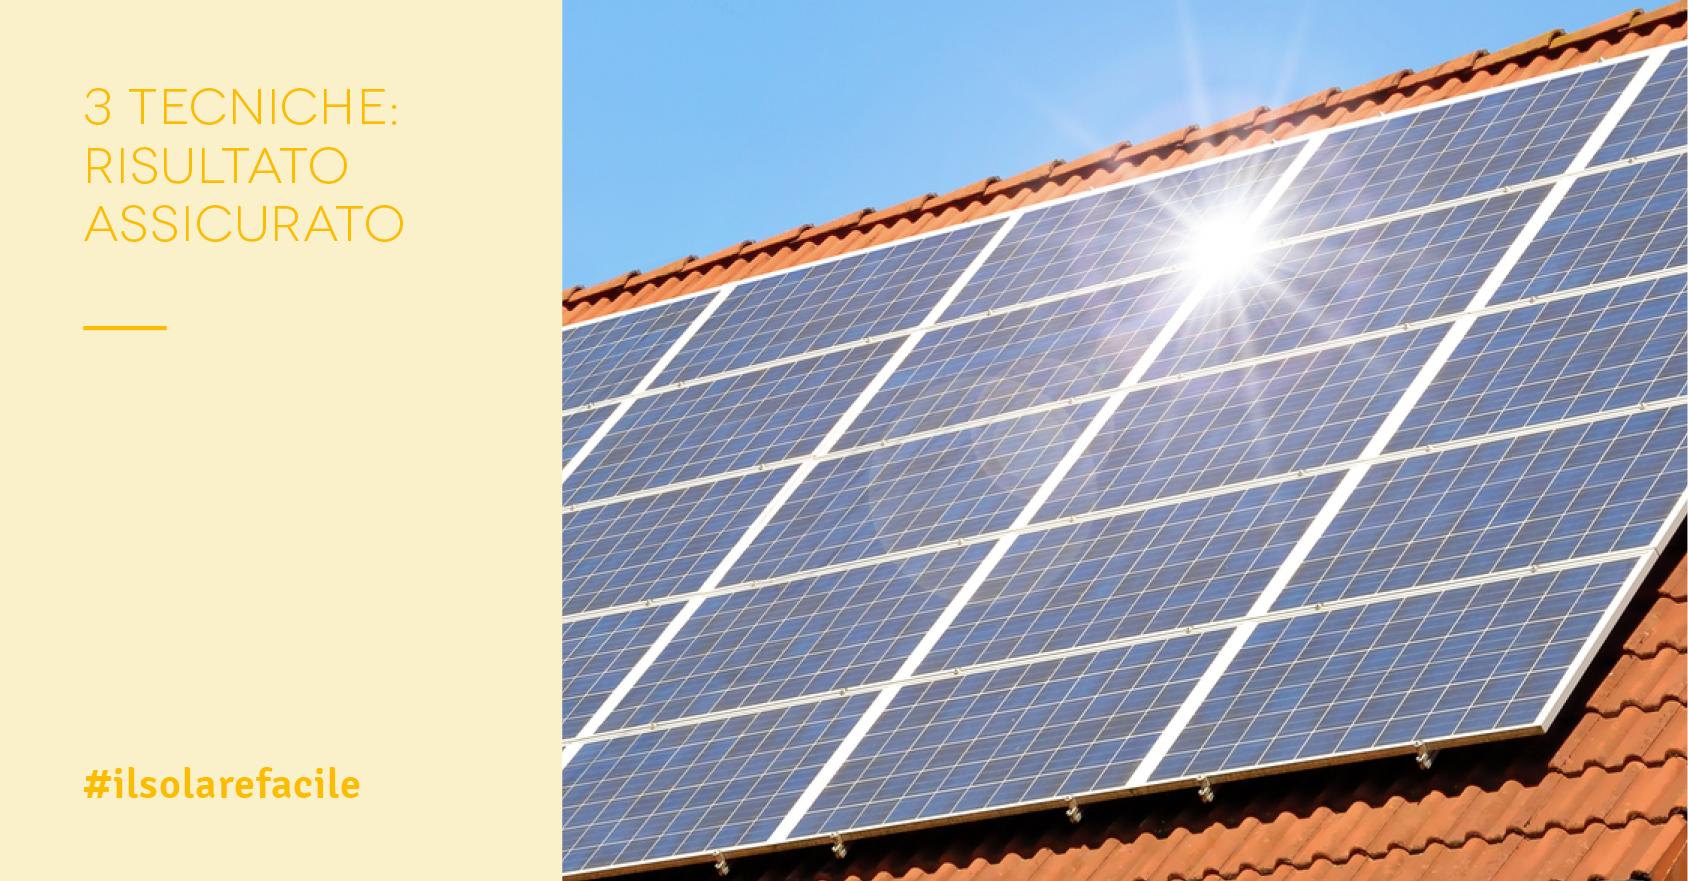 Resa fotovoltaico: calcolarla, migliorarla e mantenerla